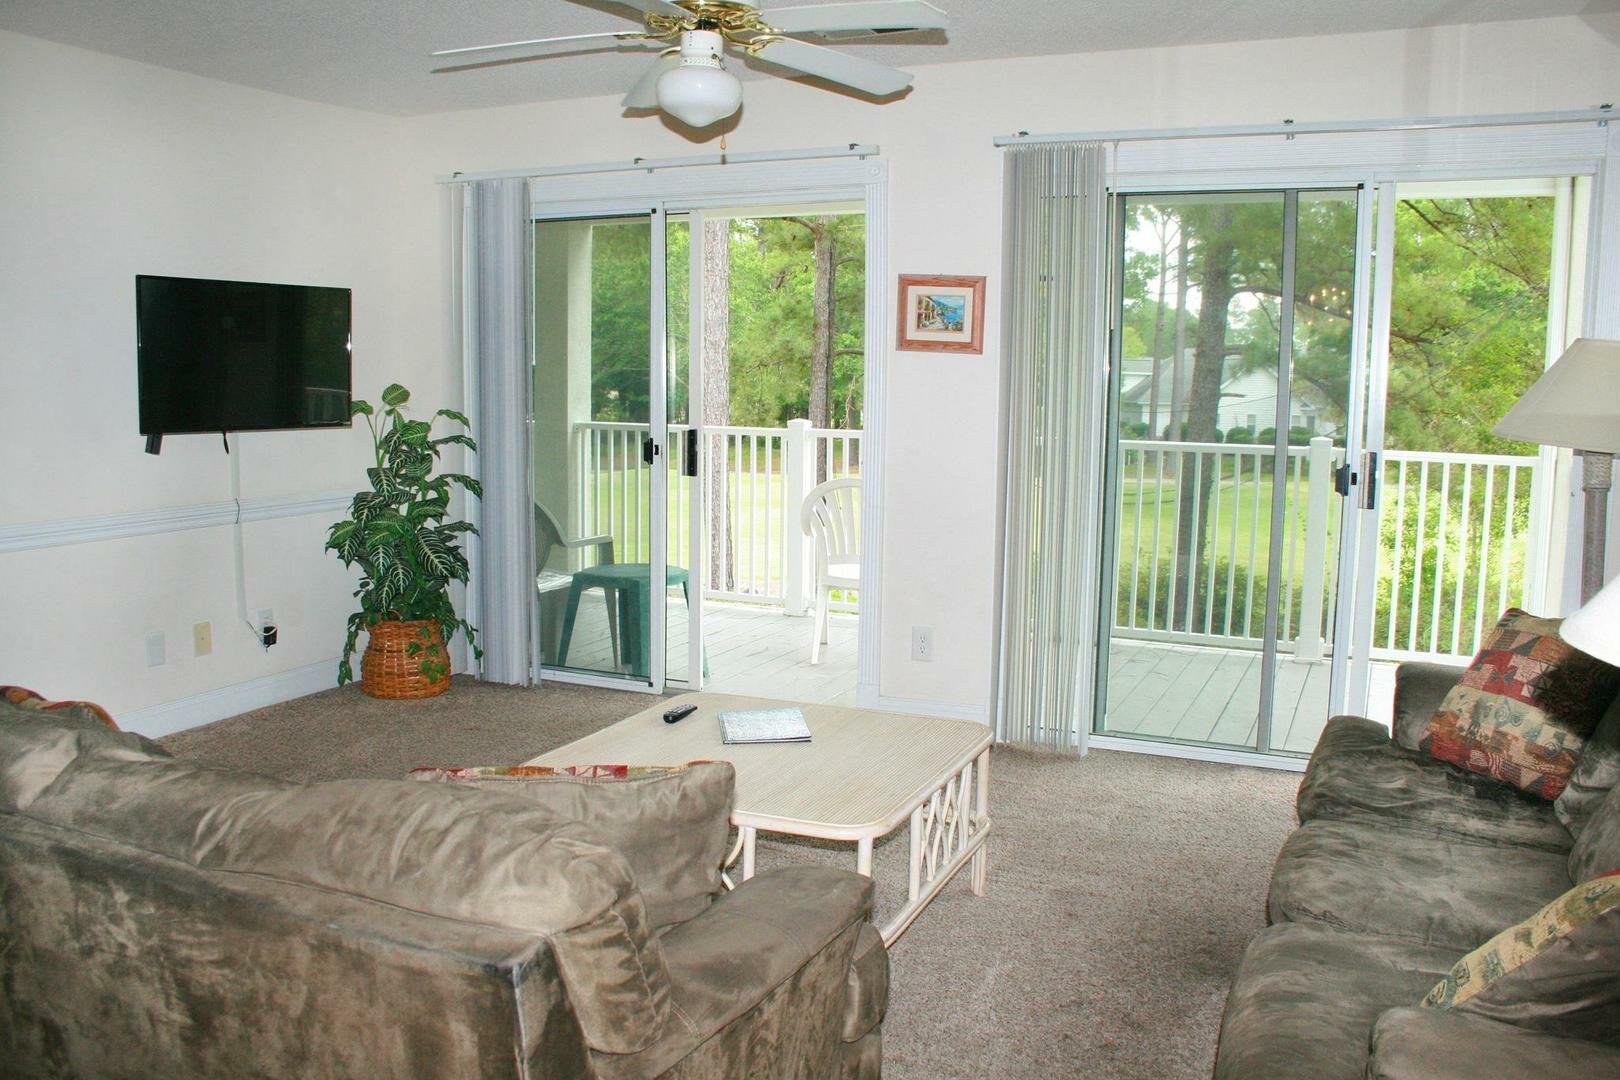 1005 2 Bedroom/2 Bath Villa